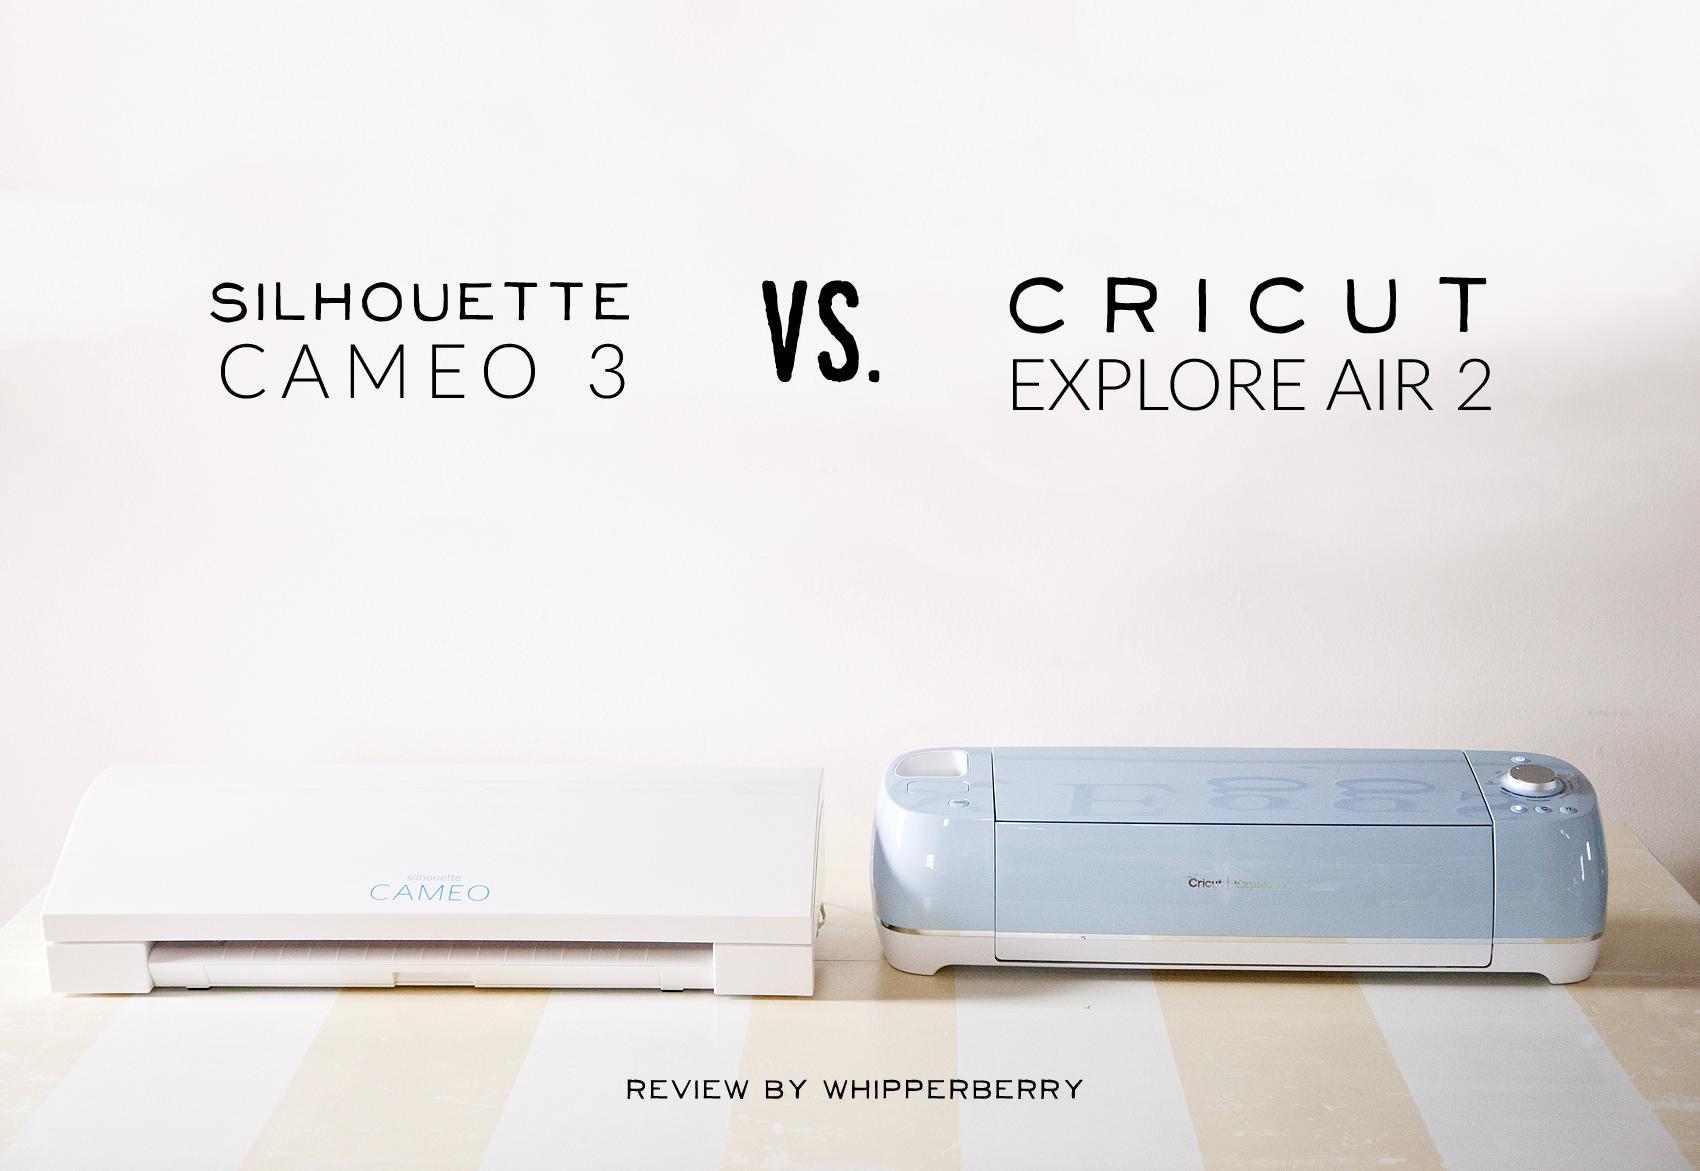 Cricut vs silhouette which machine will reign supreme for The cricut craft machine